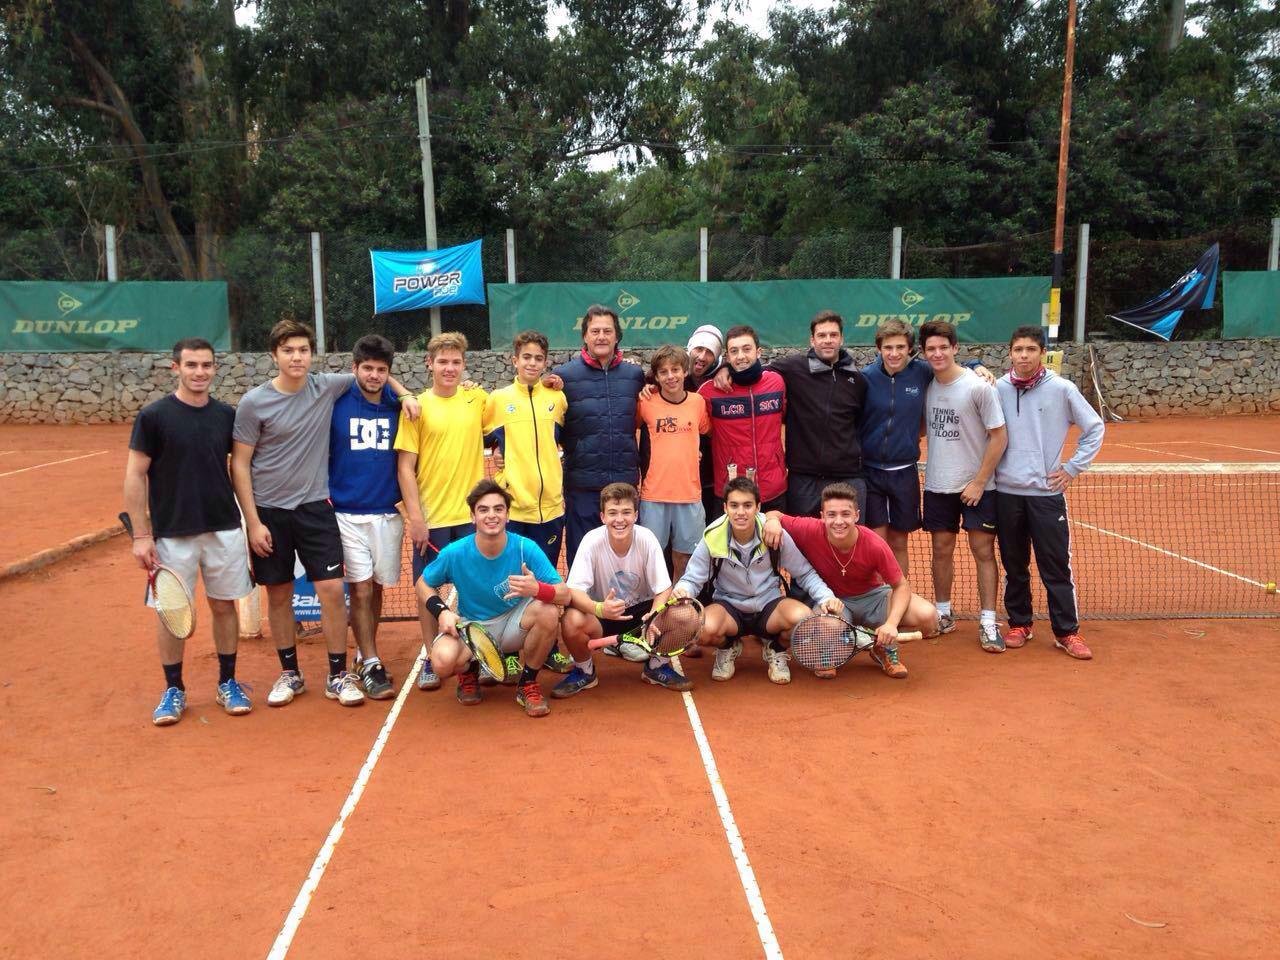 Atletas da RS Tennis, de Joinville (SC), treinam na academia que formou Del Potro